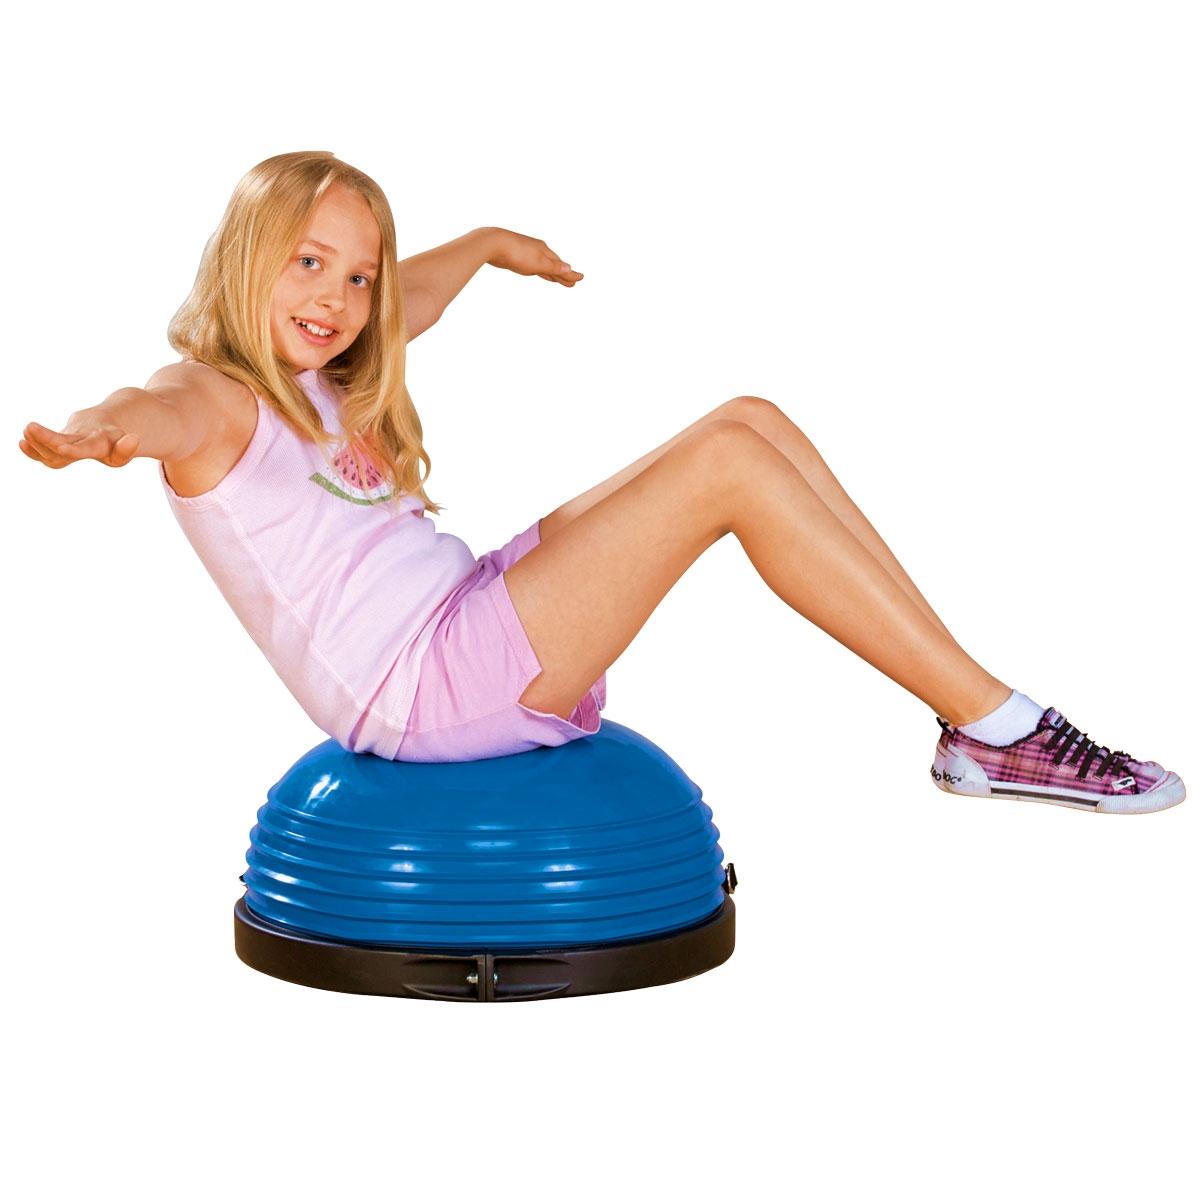 girl sitting on blue exercise balance dome training core